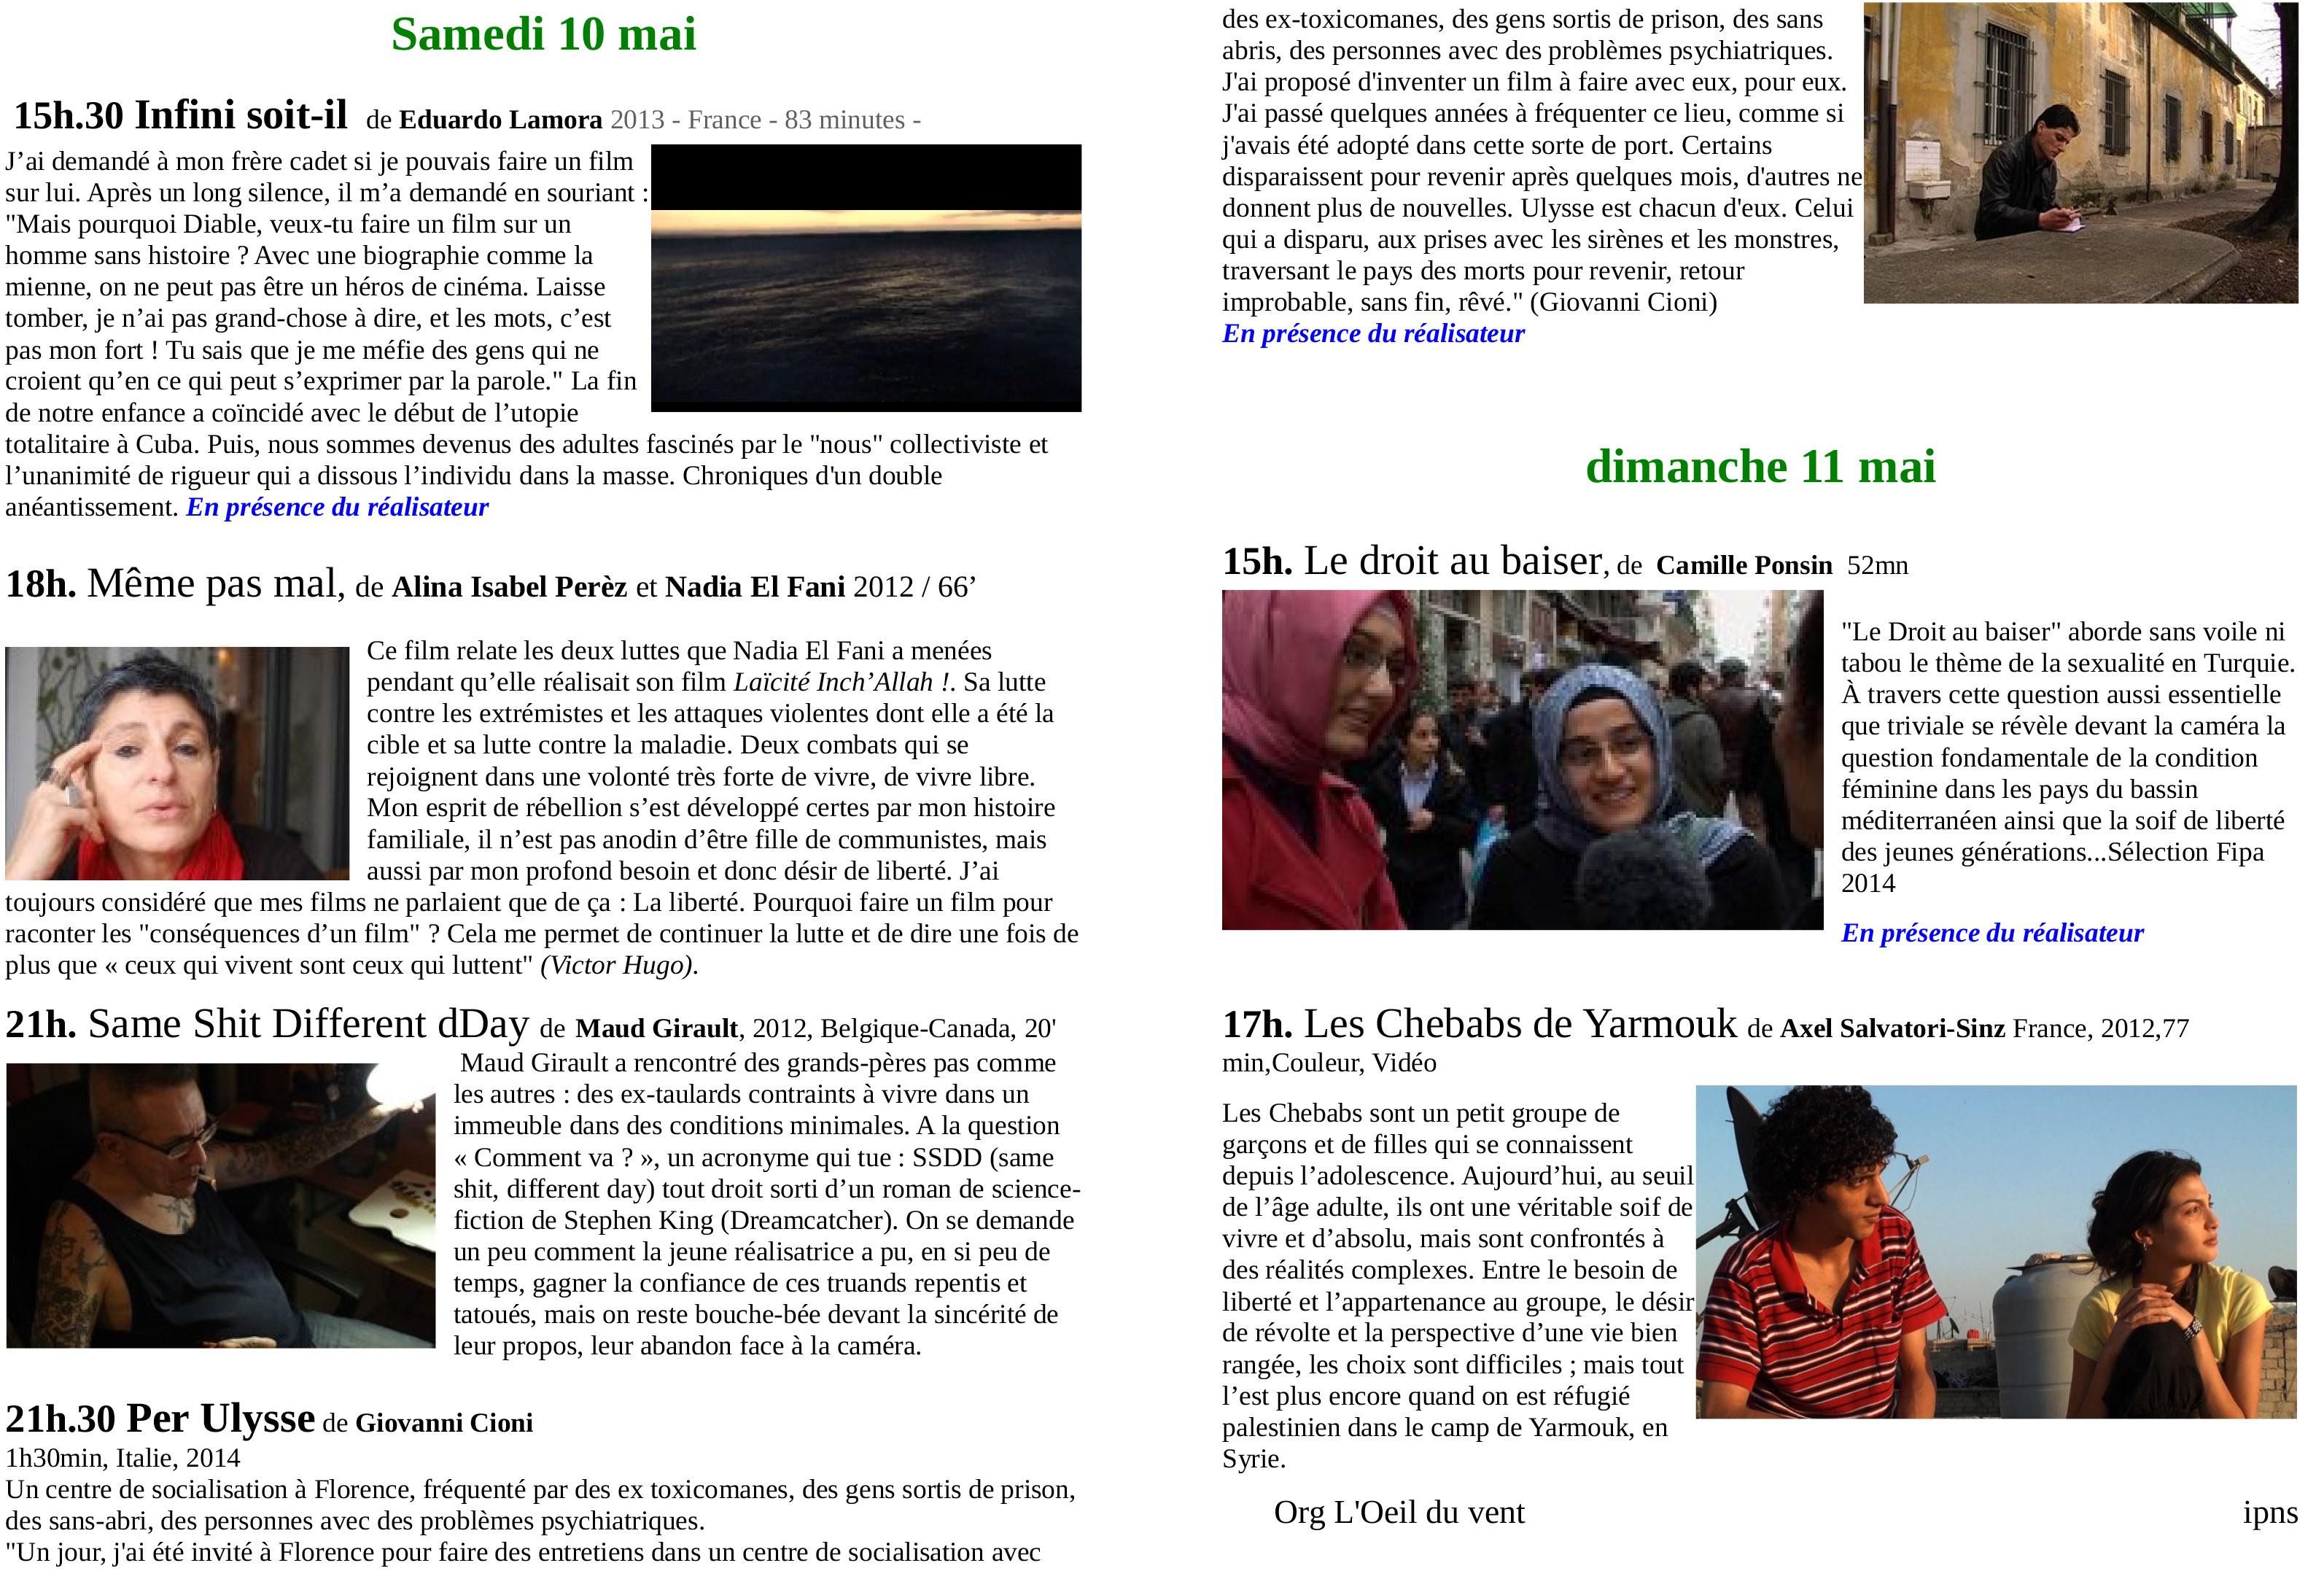 mieux payés site de rencontres 2012 rencontres en ligne personnelles